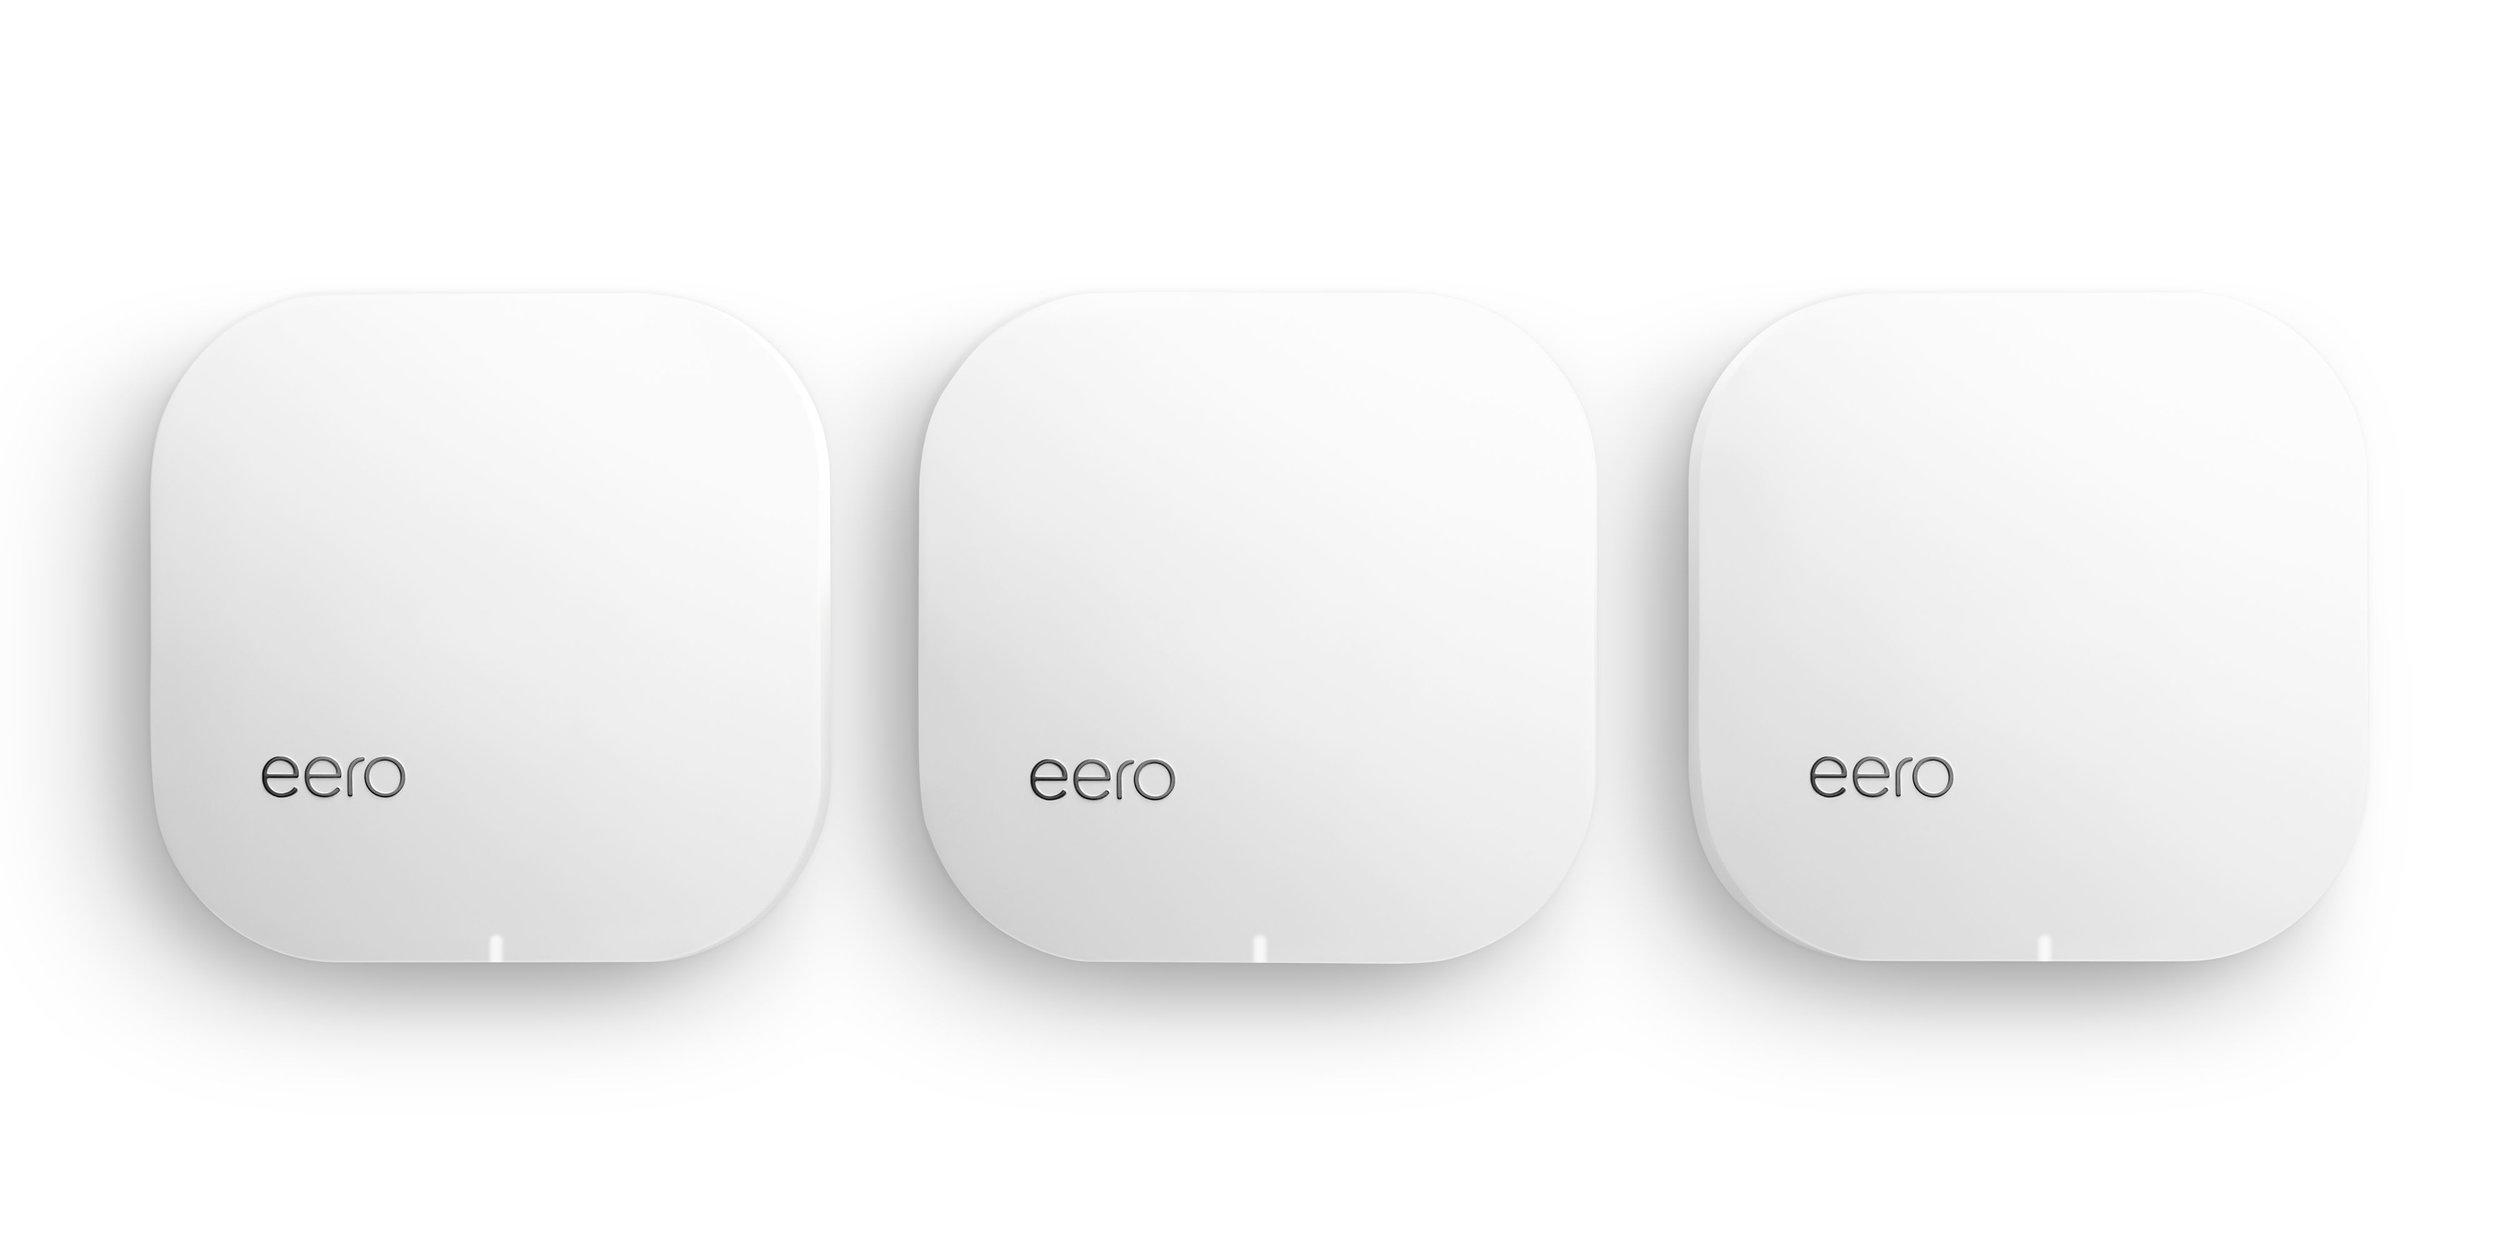 eero_pro.jpg